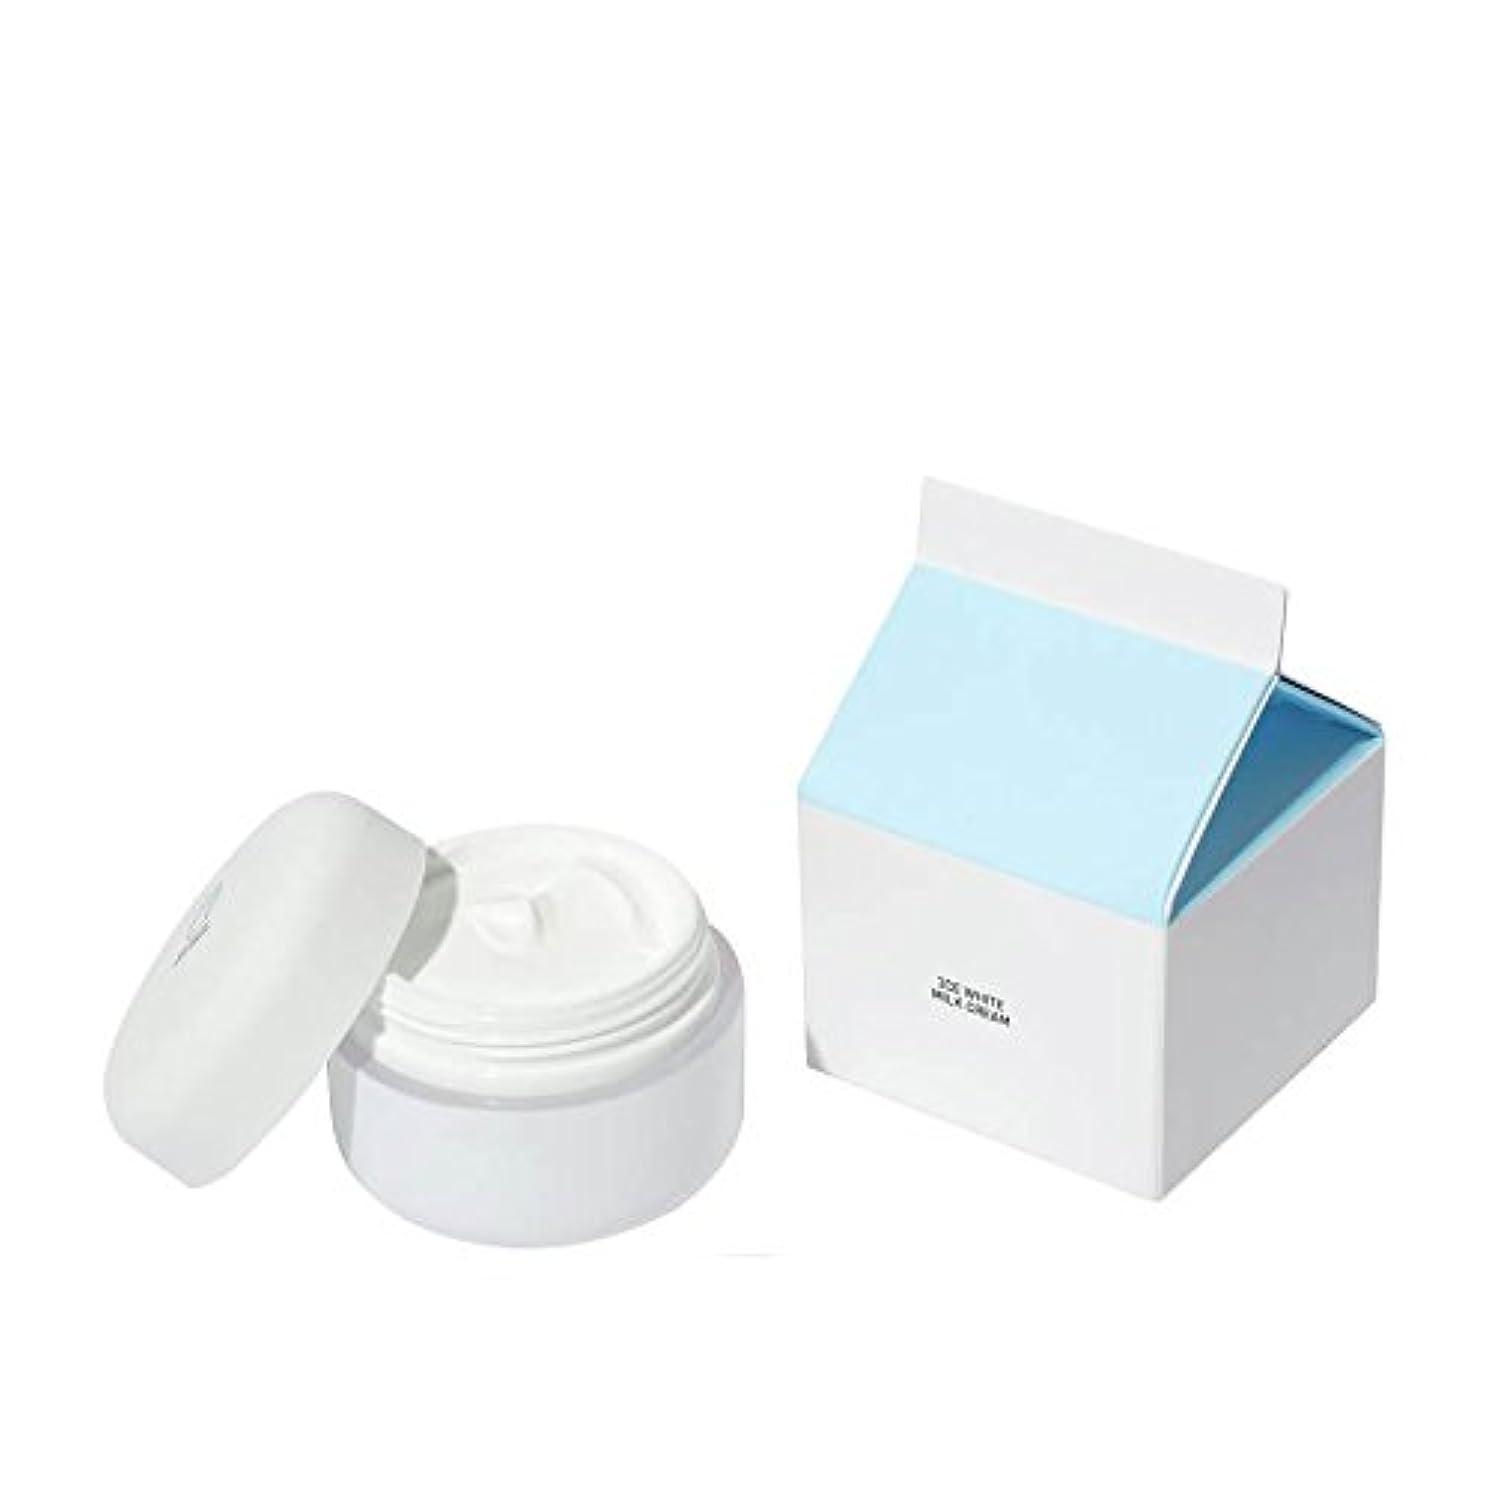 実証するシンポジウム矛盾[3CE] ホワイトミルククリーム(White Milk Cream) 50g